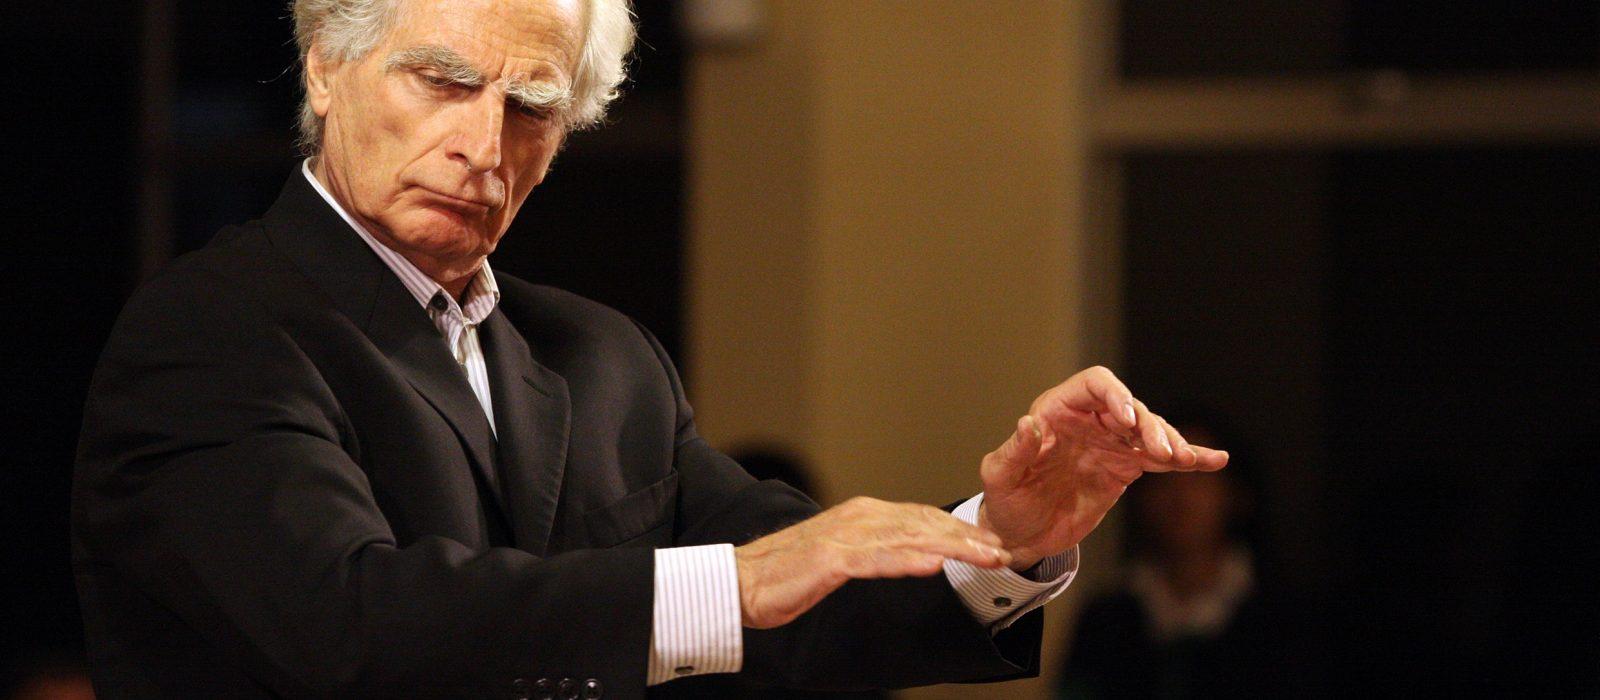 Juan Pablo Izquierdo, director de orquesta :» Yo siempre he sido músico, nunca he sido otra cosa»